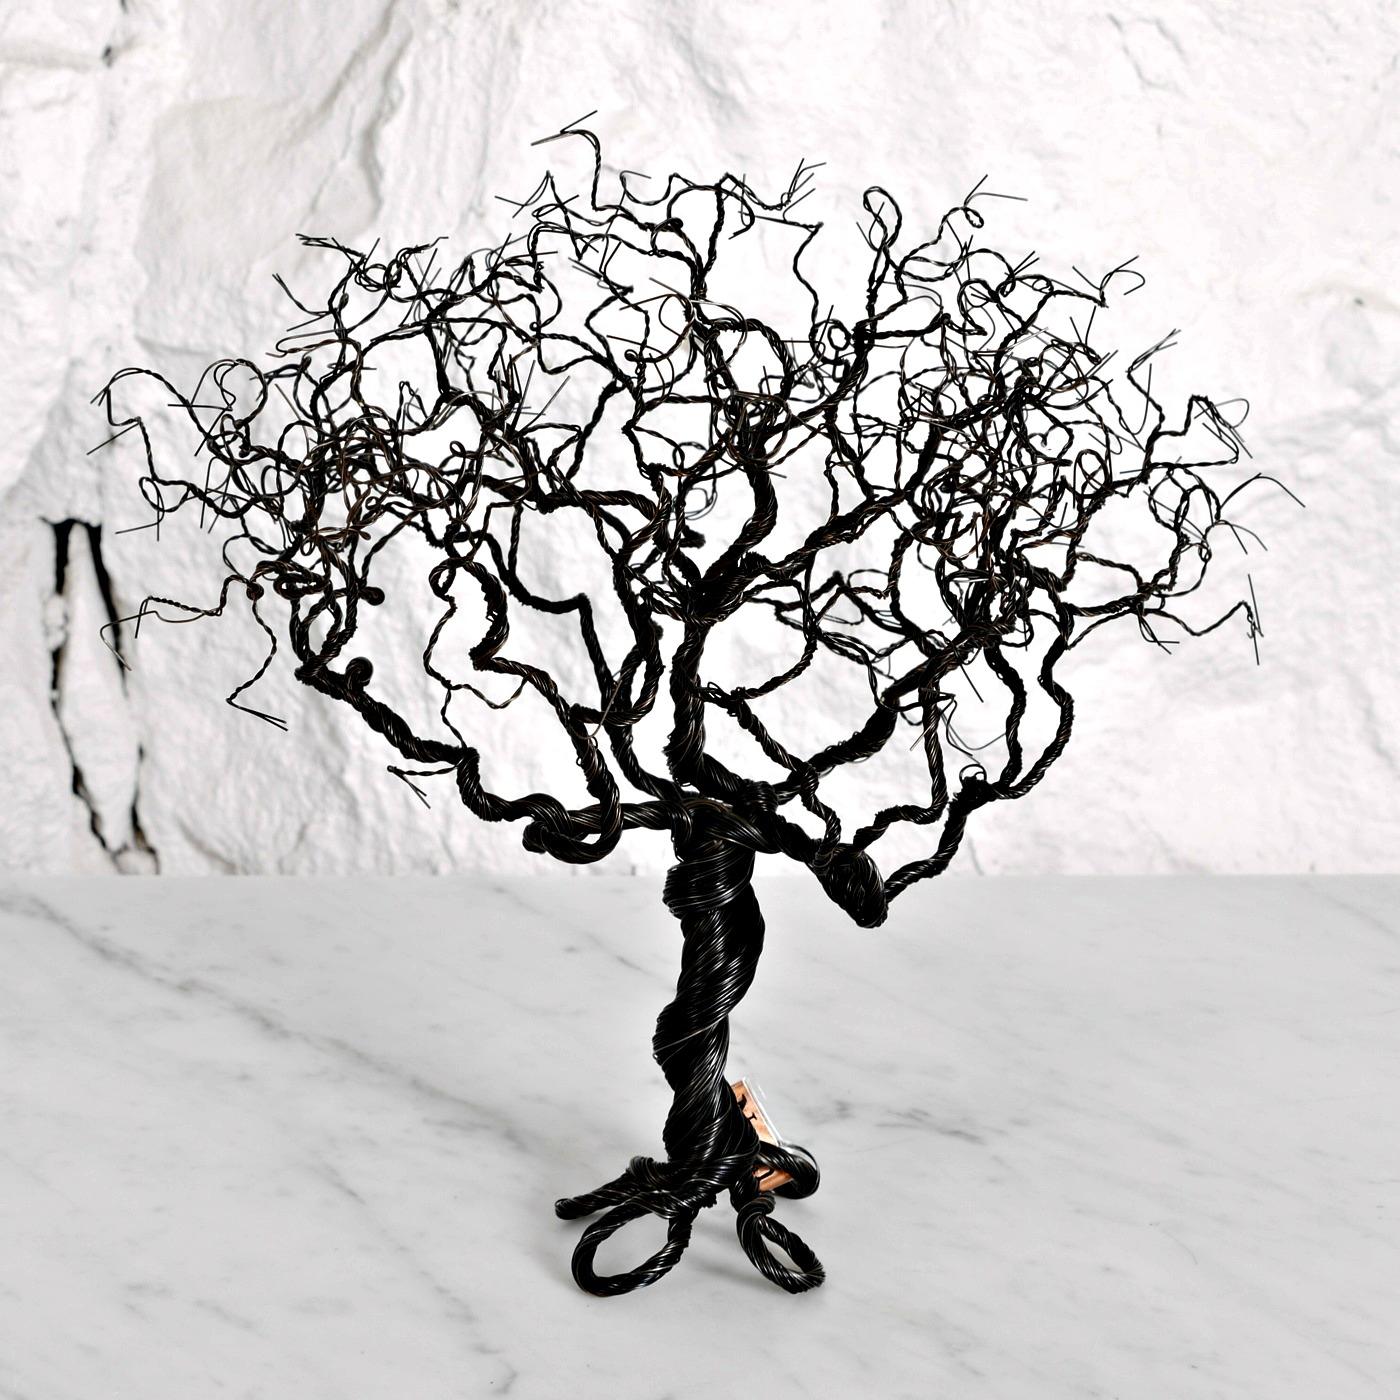 Noah's Tree